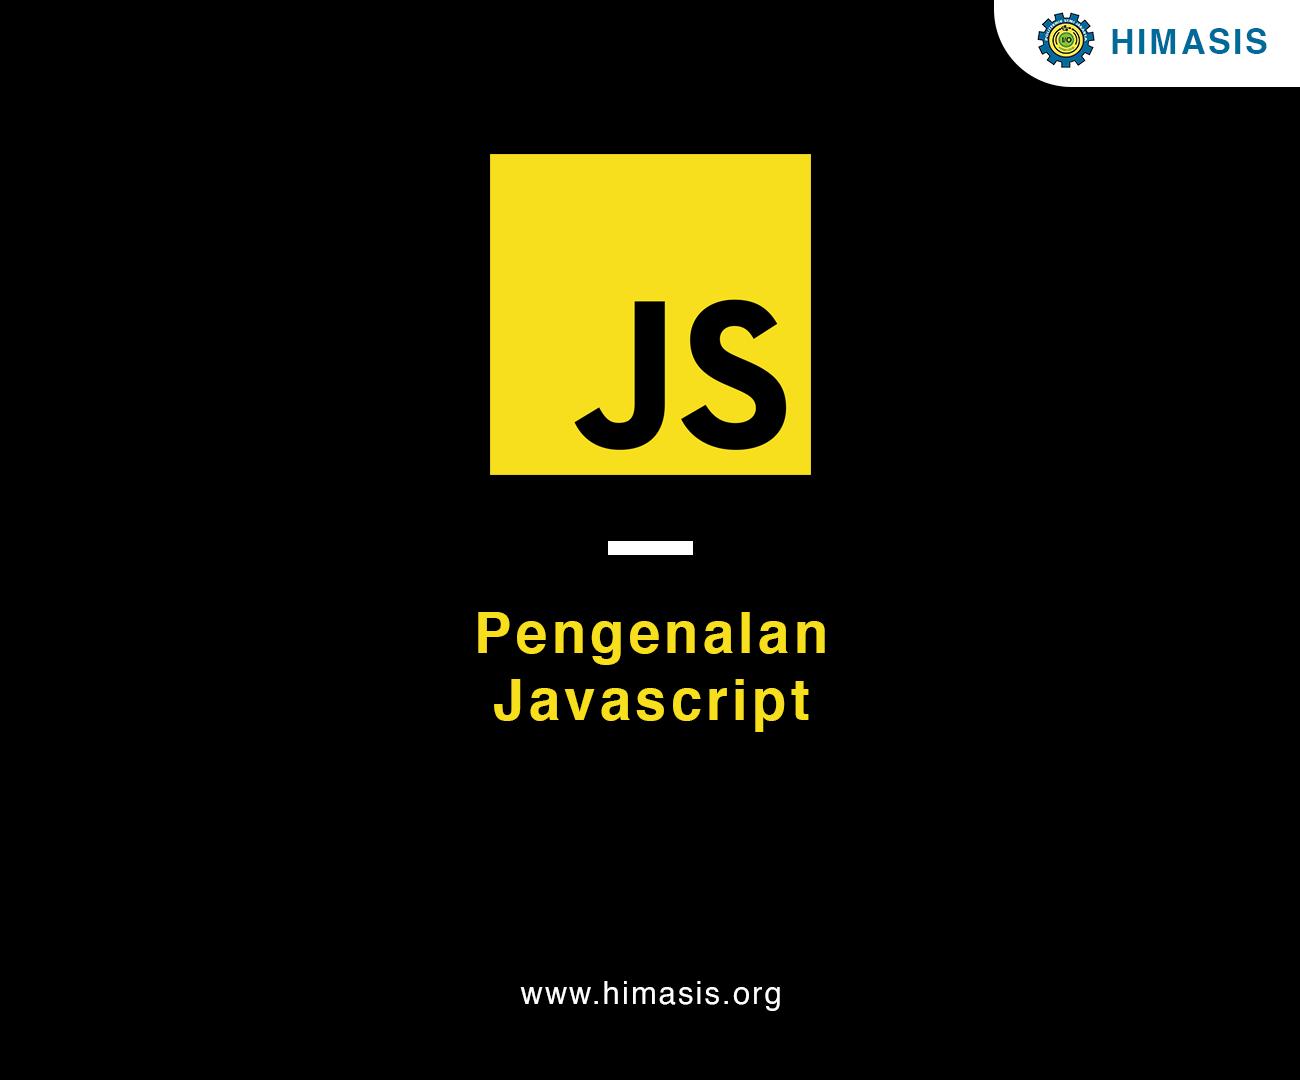 Materi: Pengenalan JavaScript